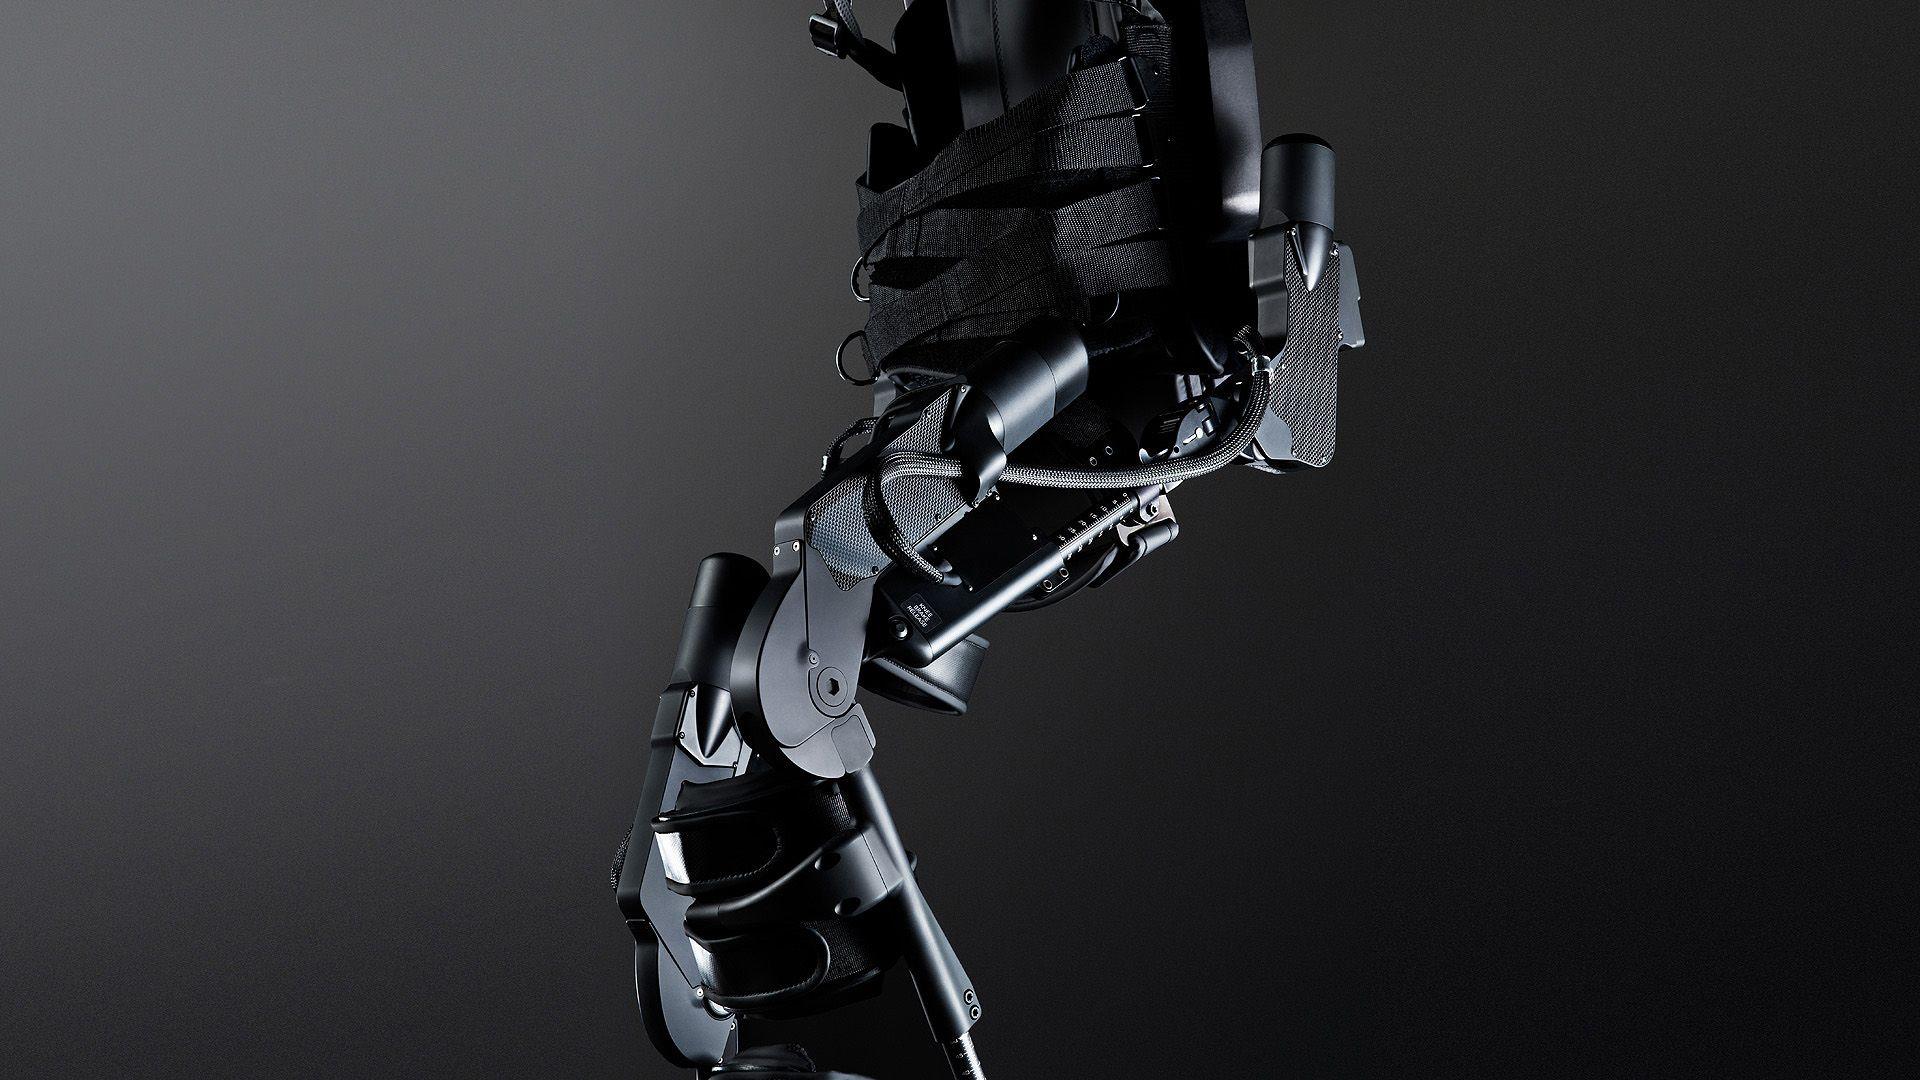 — The bionic exoskeleton Ekso